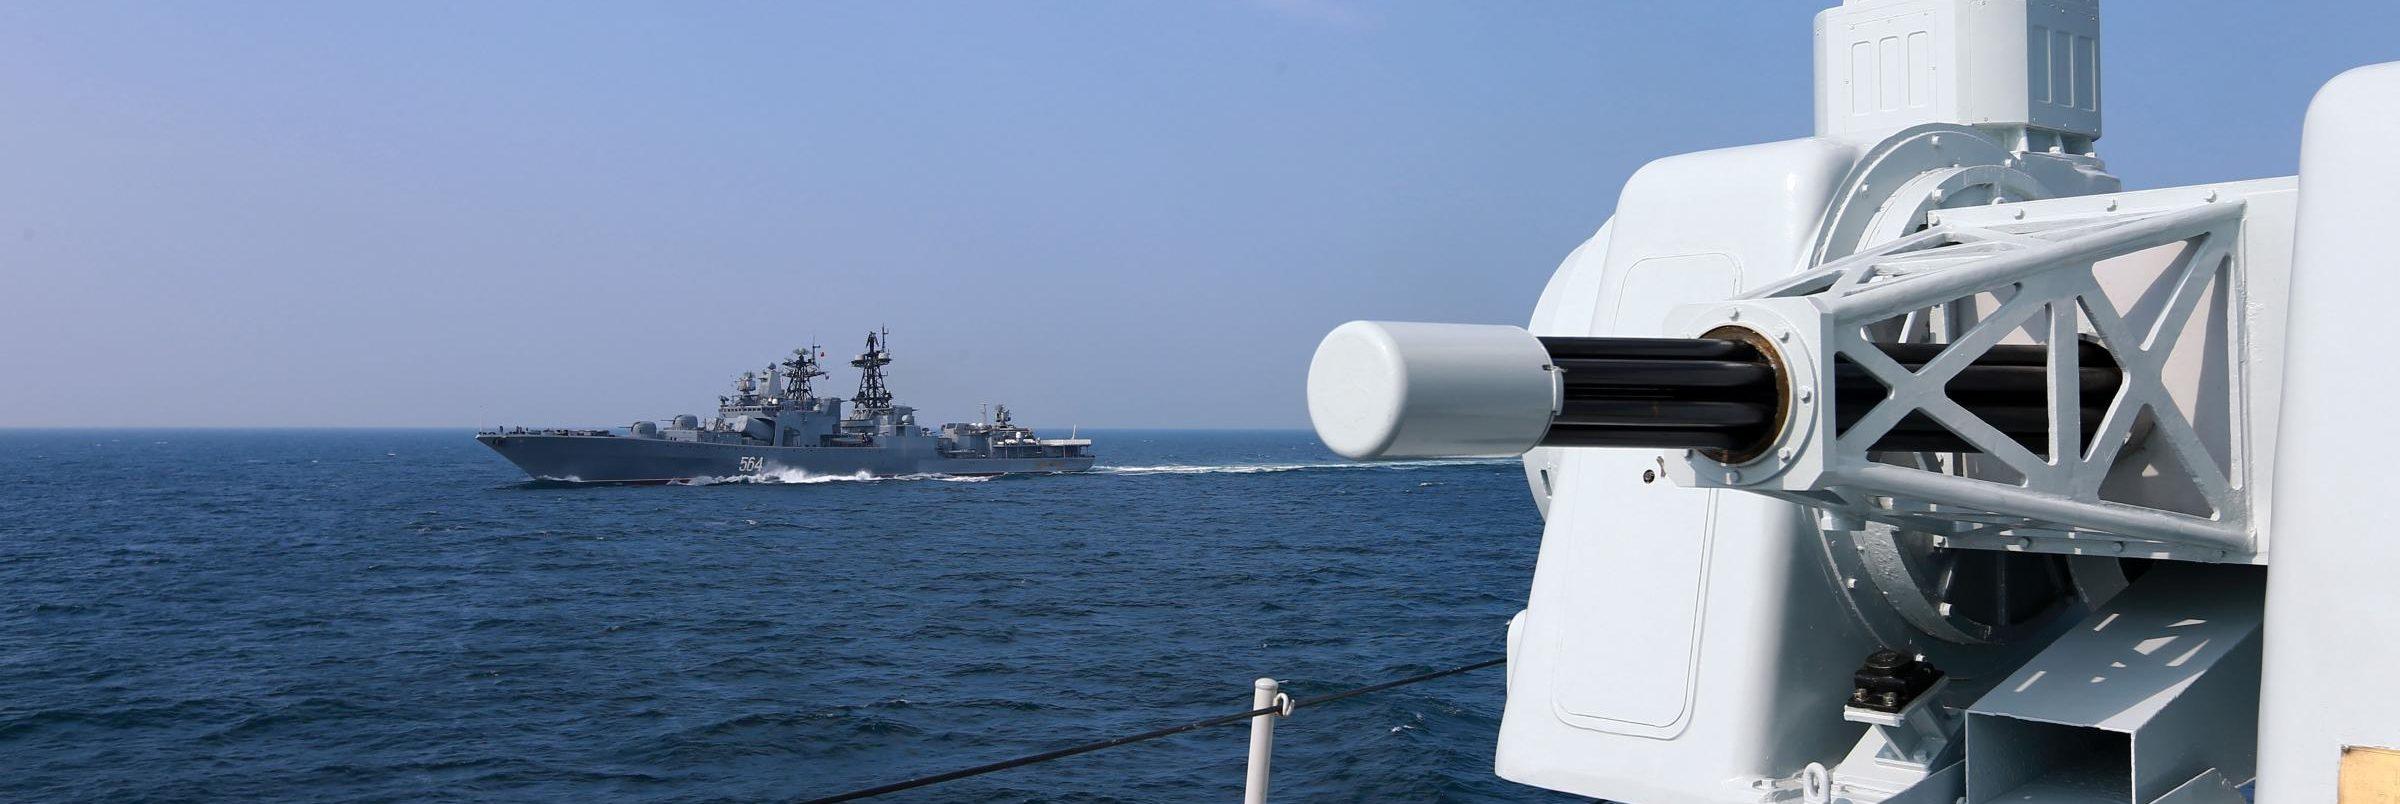 Beijing's threats to the British fleet